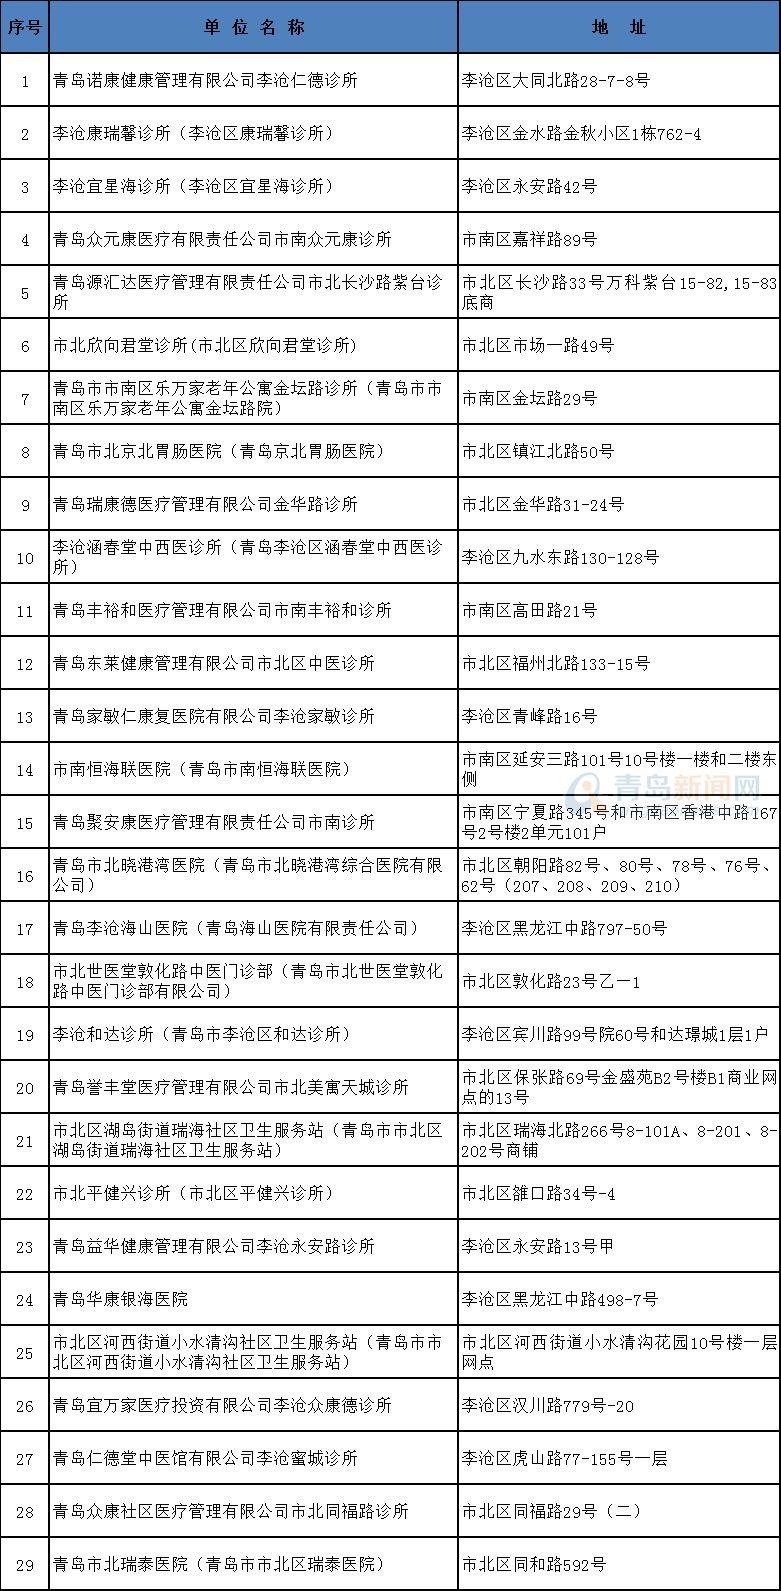 山东:青岛新增29家医保社区定点医疗机构 在你家门口吗?